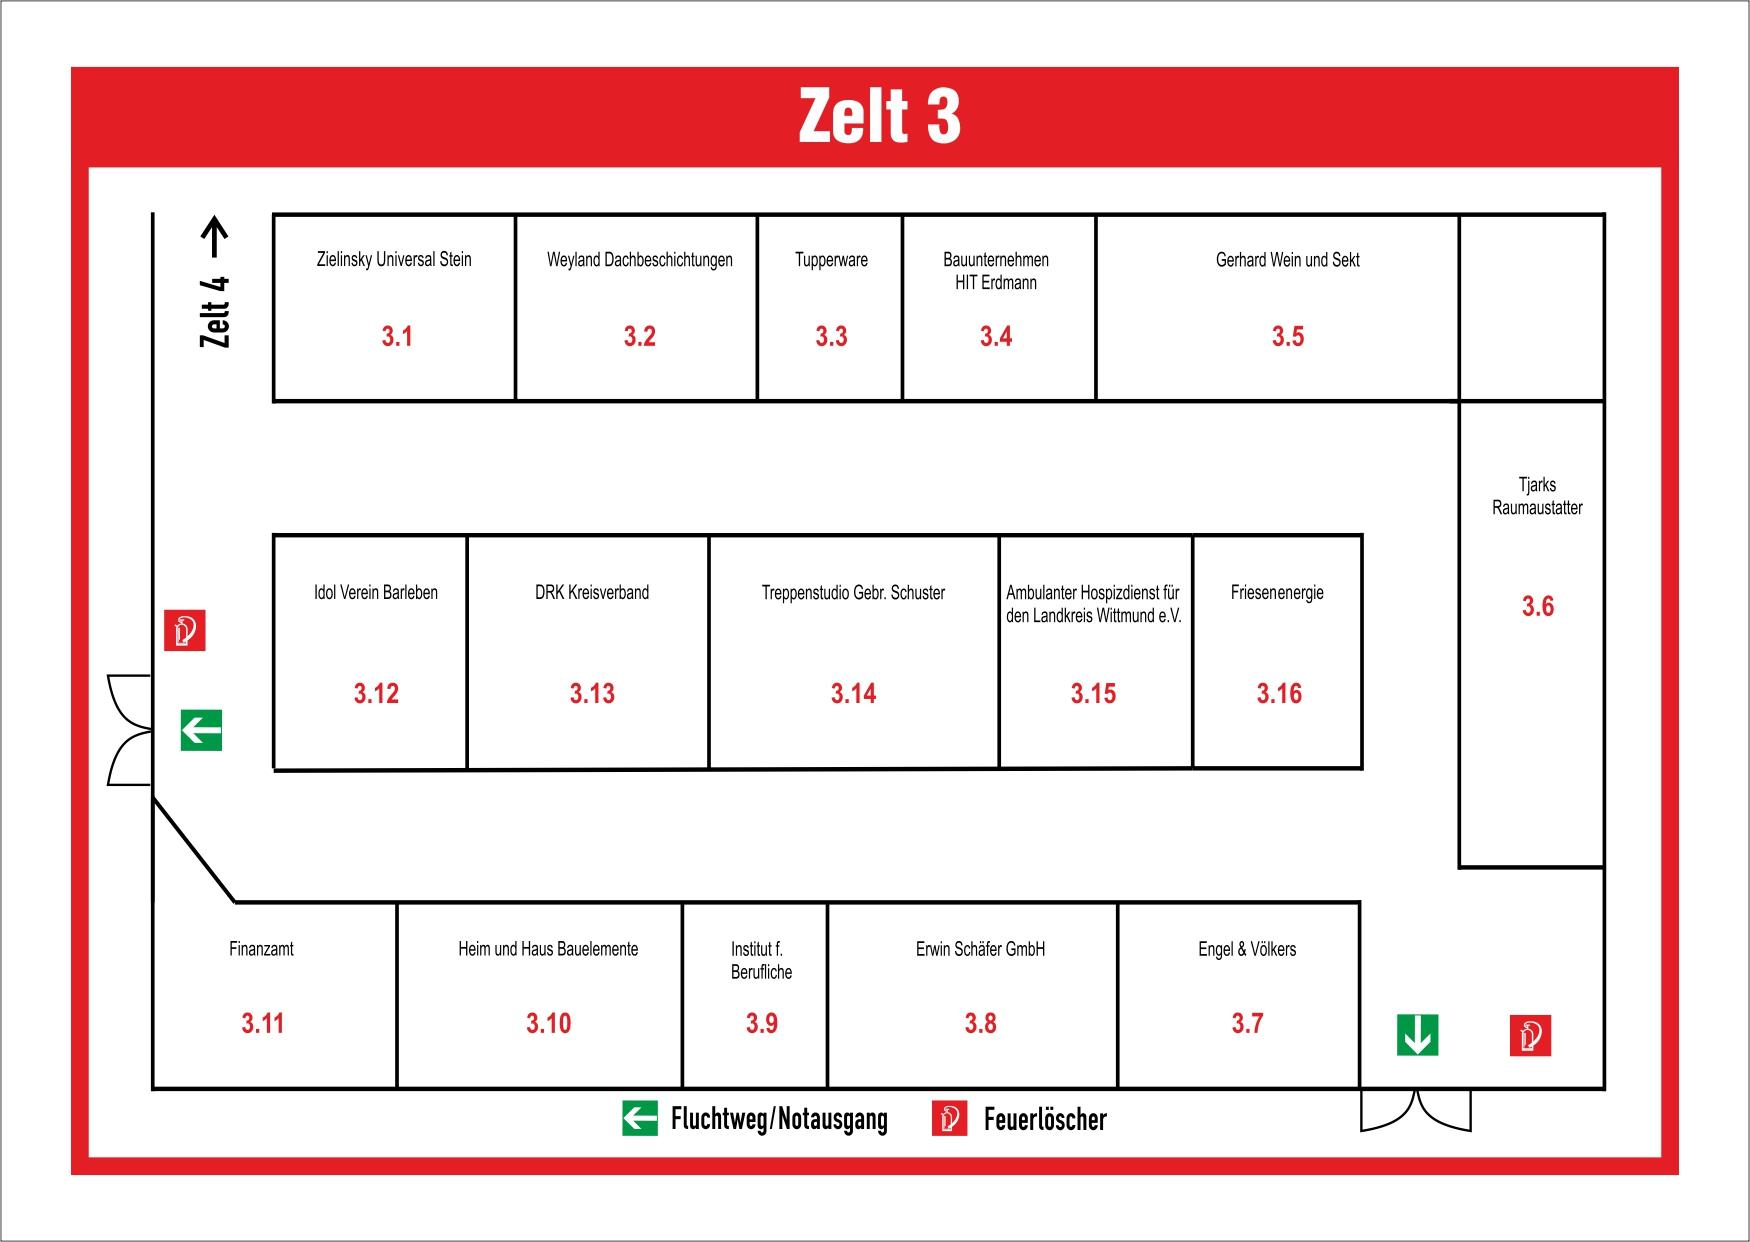 Zelt-3